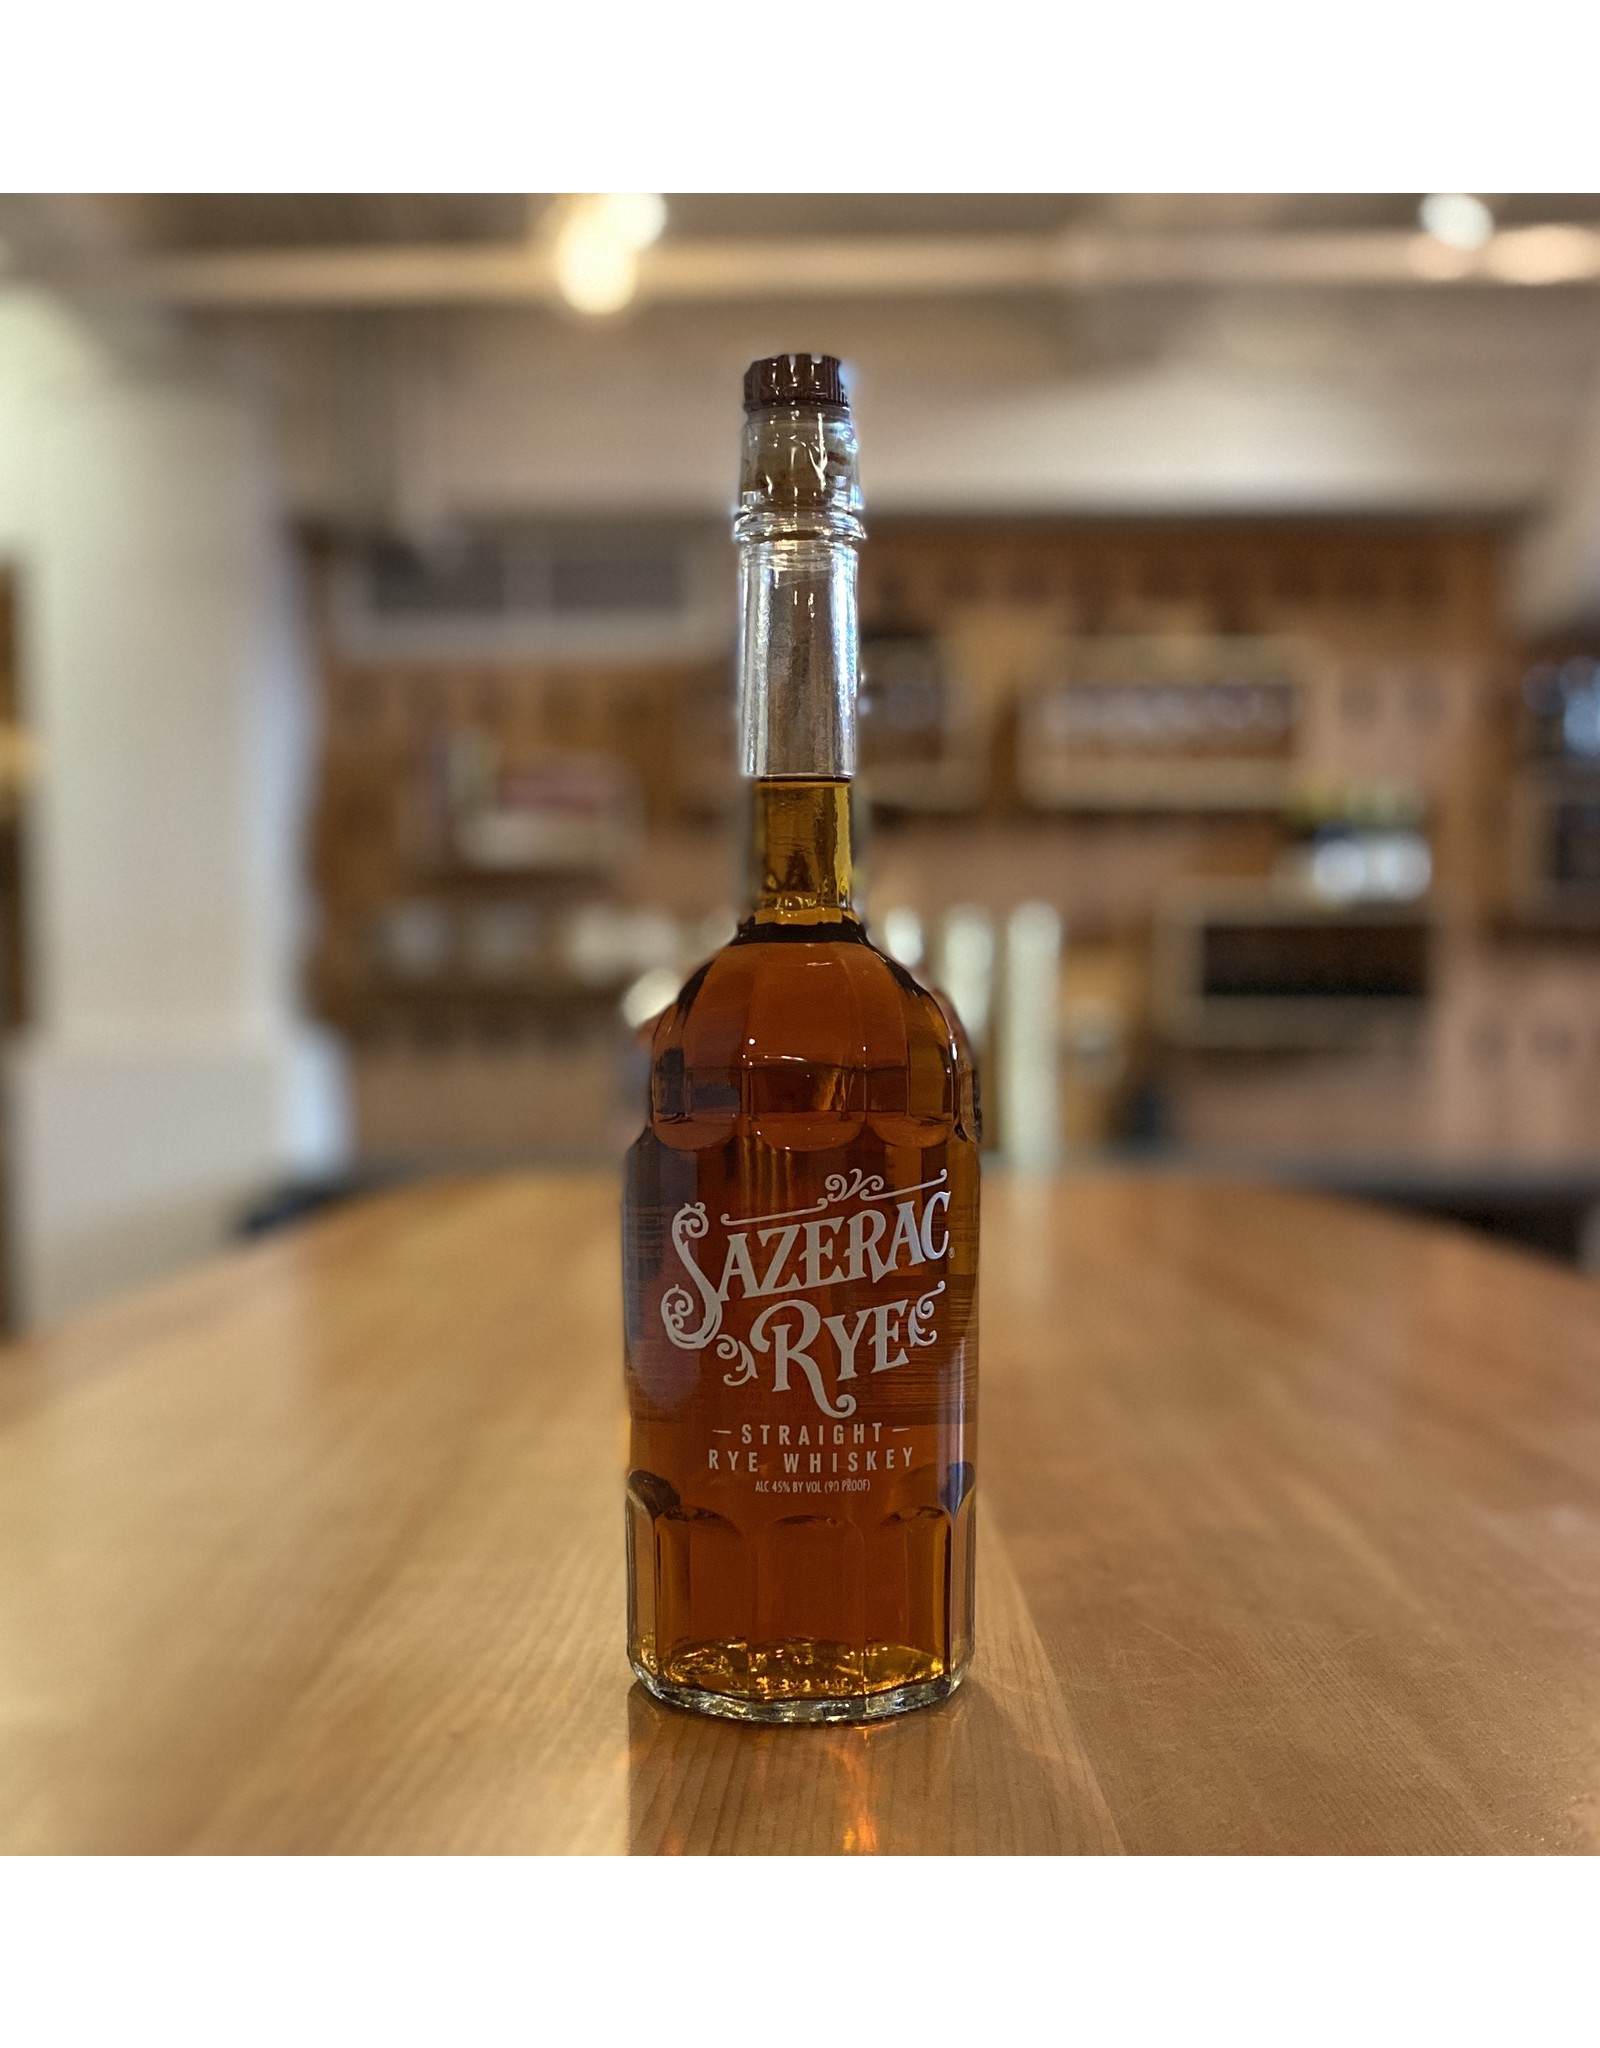 Rye Sazerac 6yo Straight Rye Whiskey -